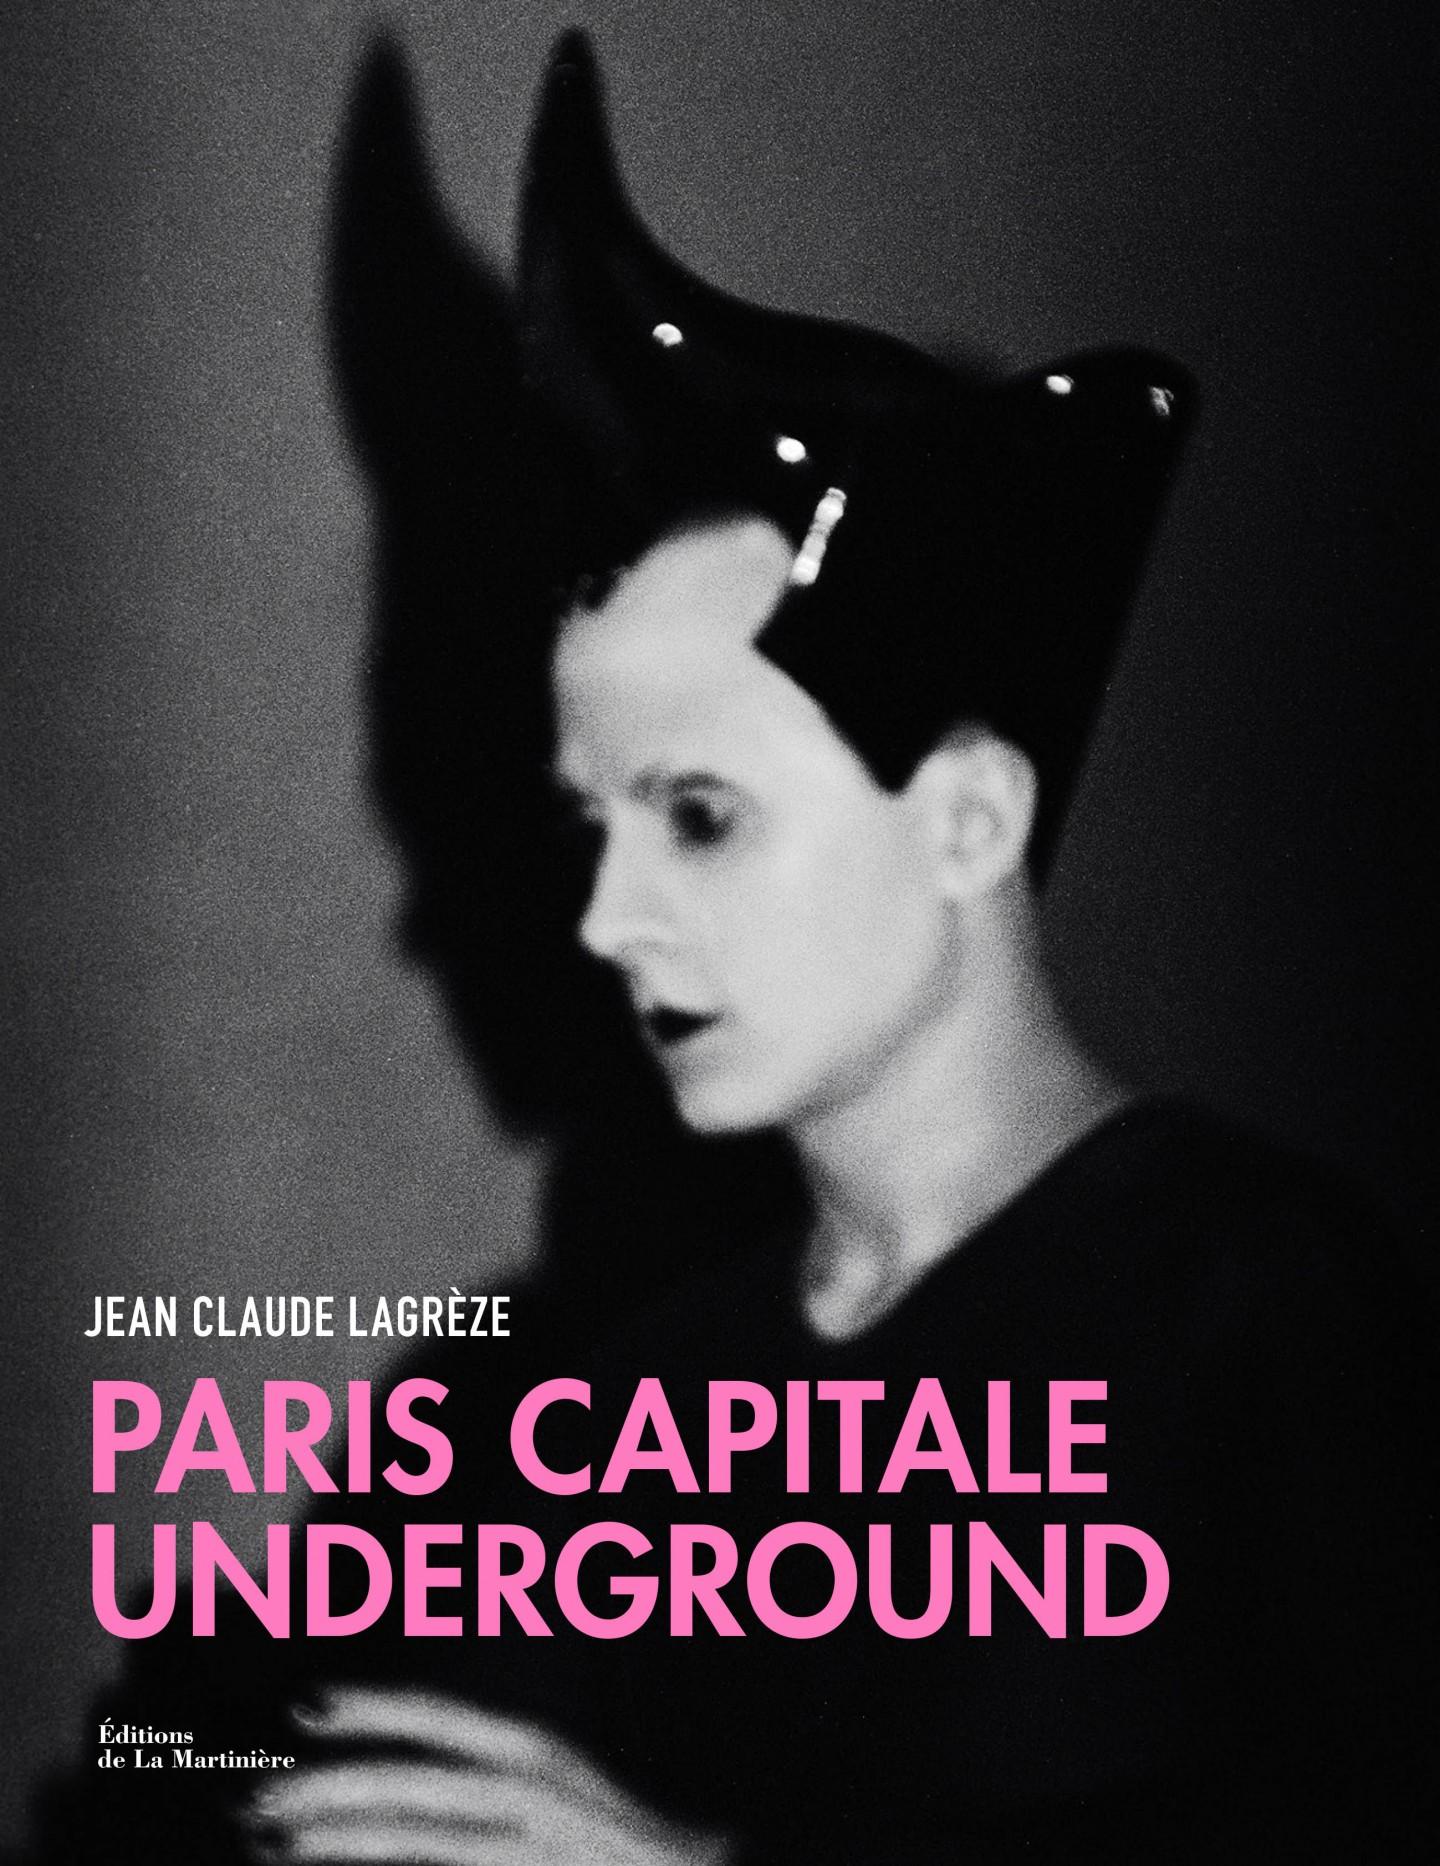 Paris, Capitale Underground